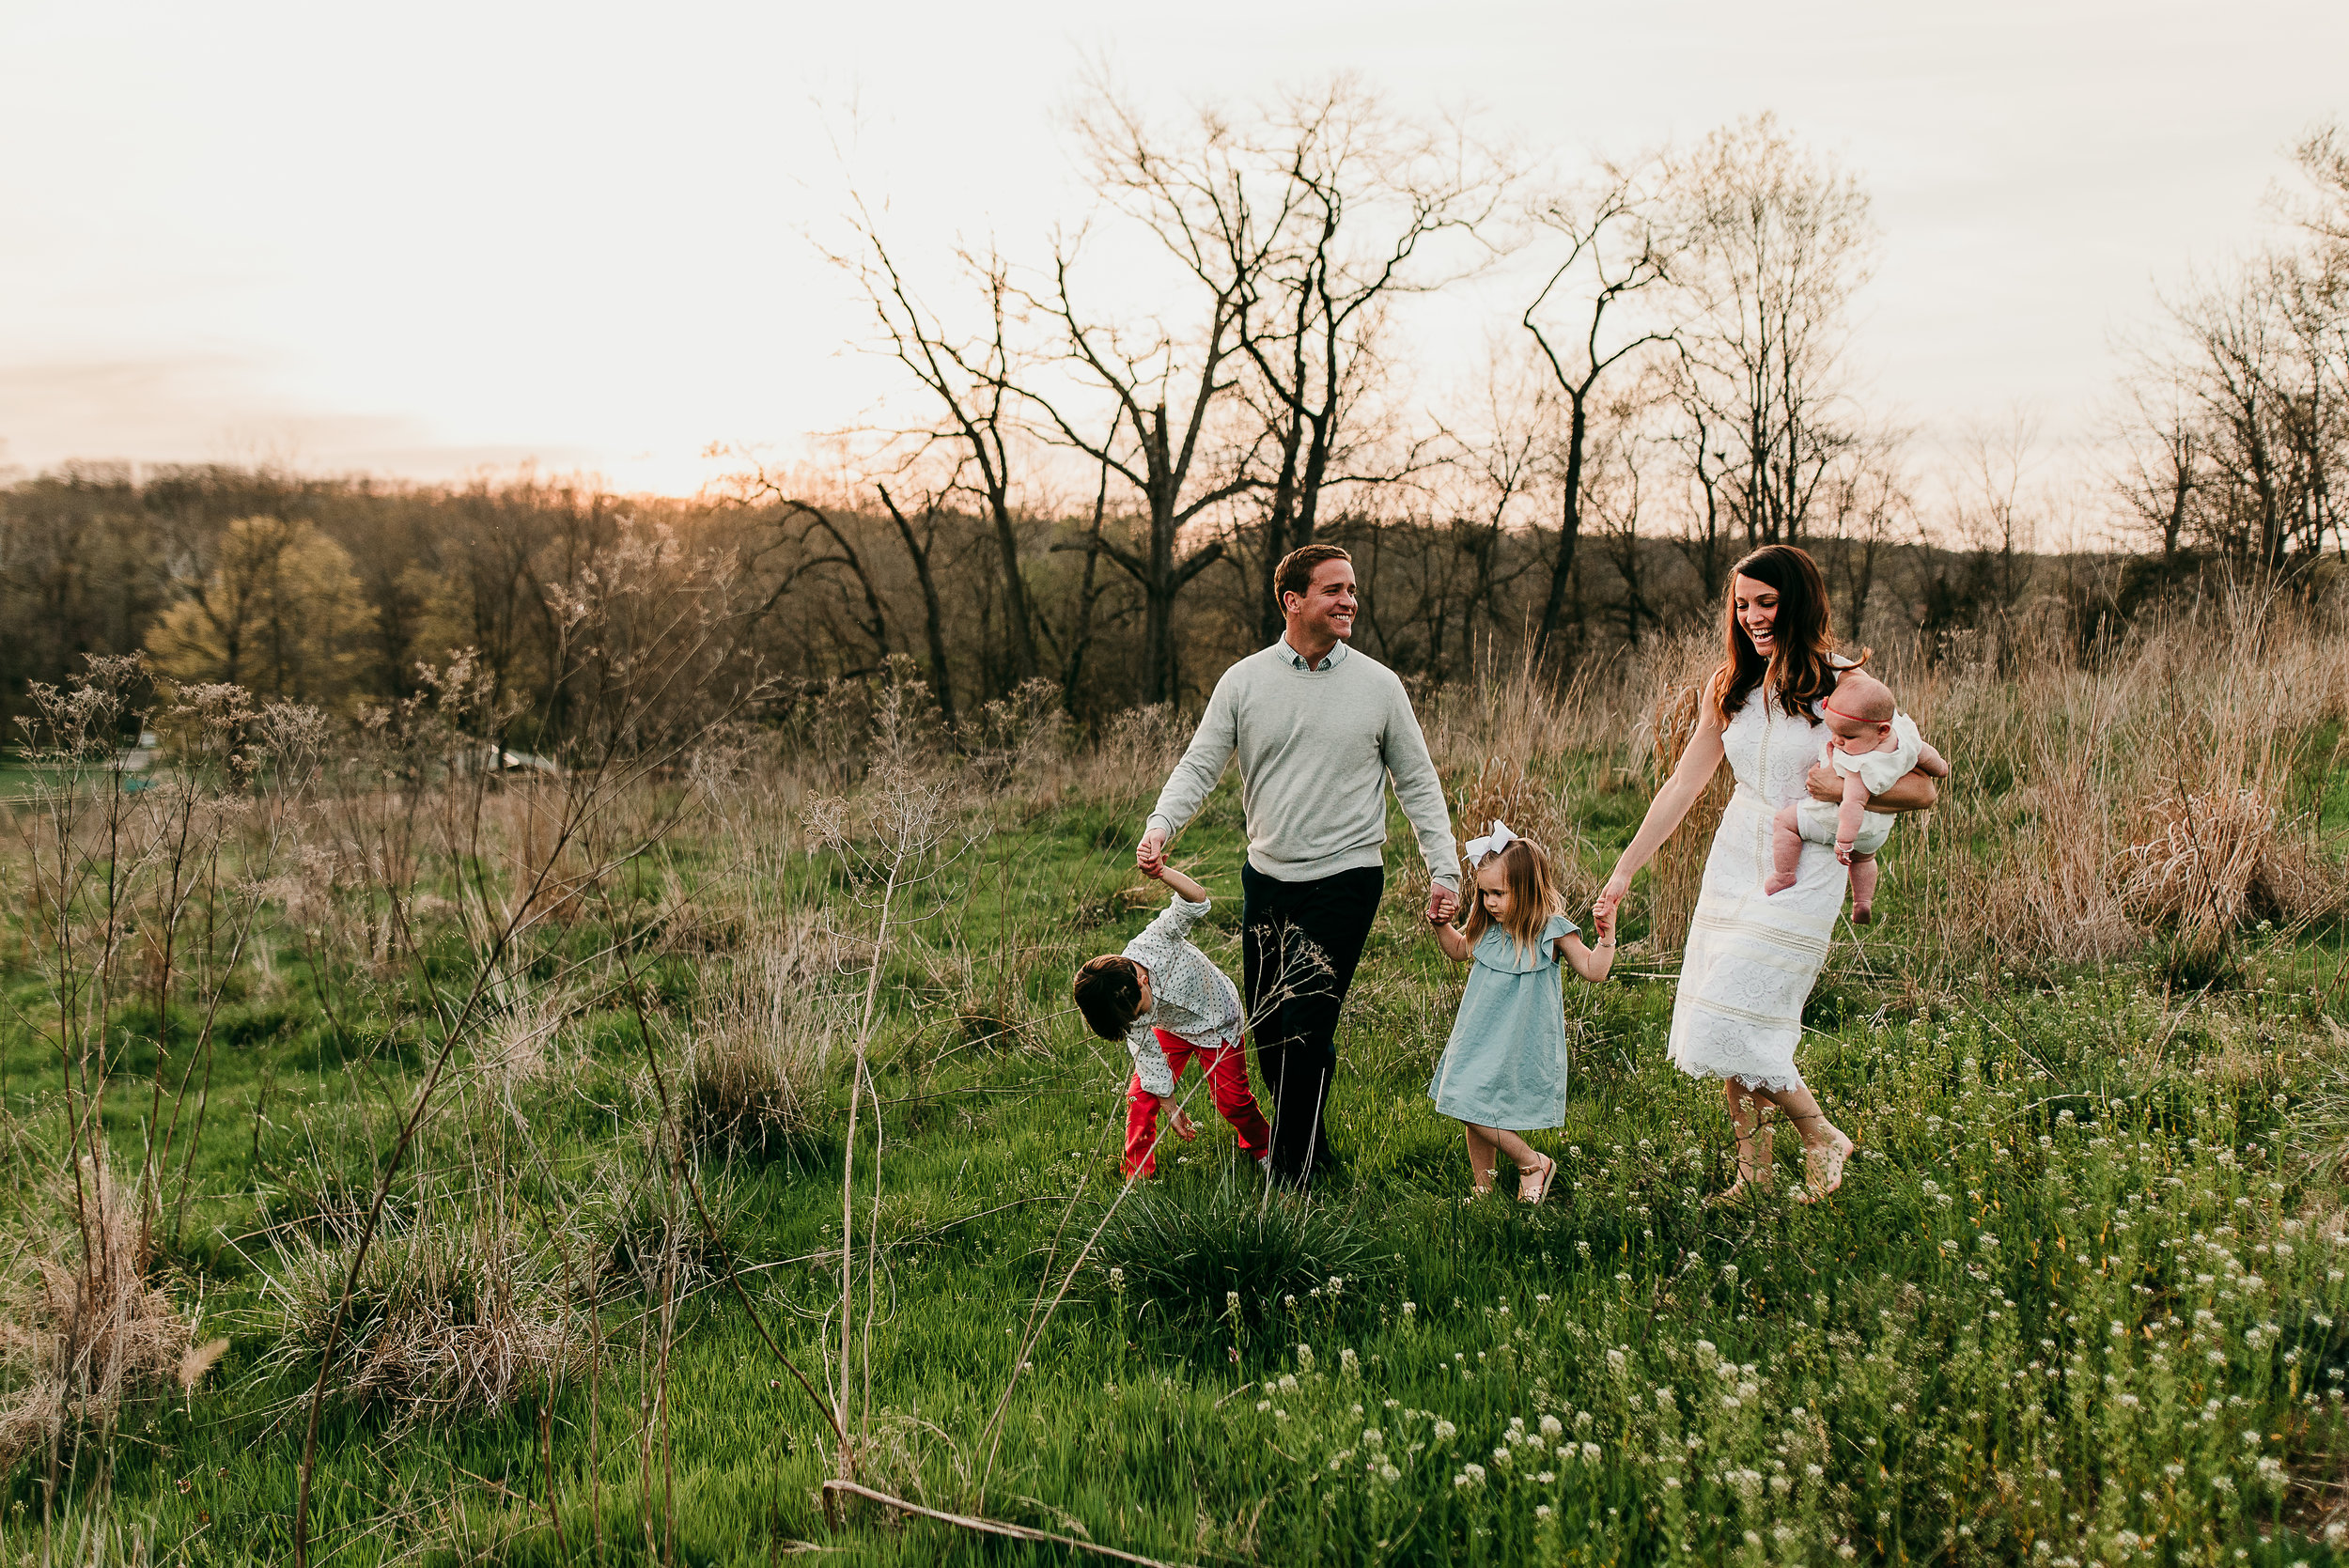 family walking down hill in a field